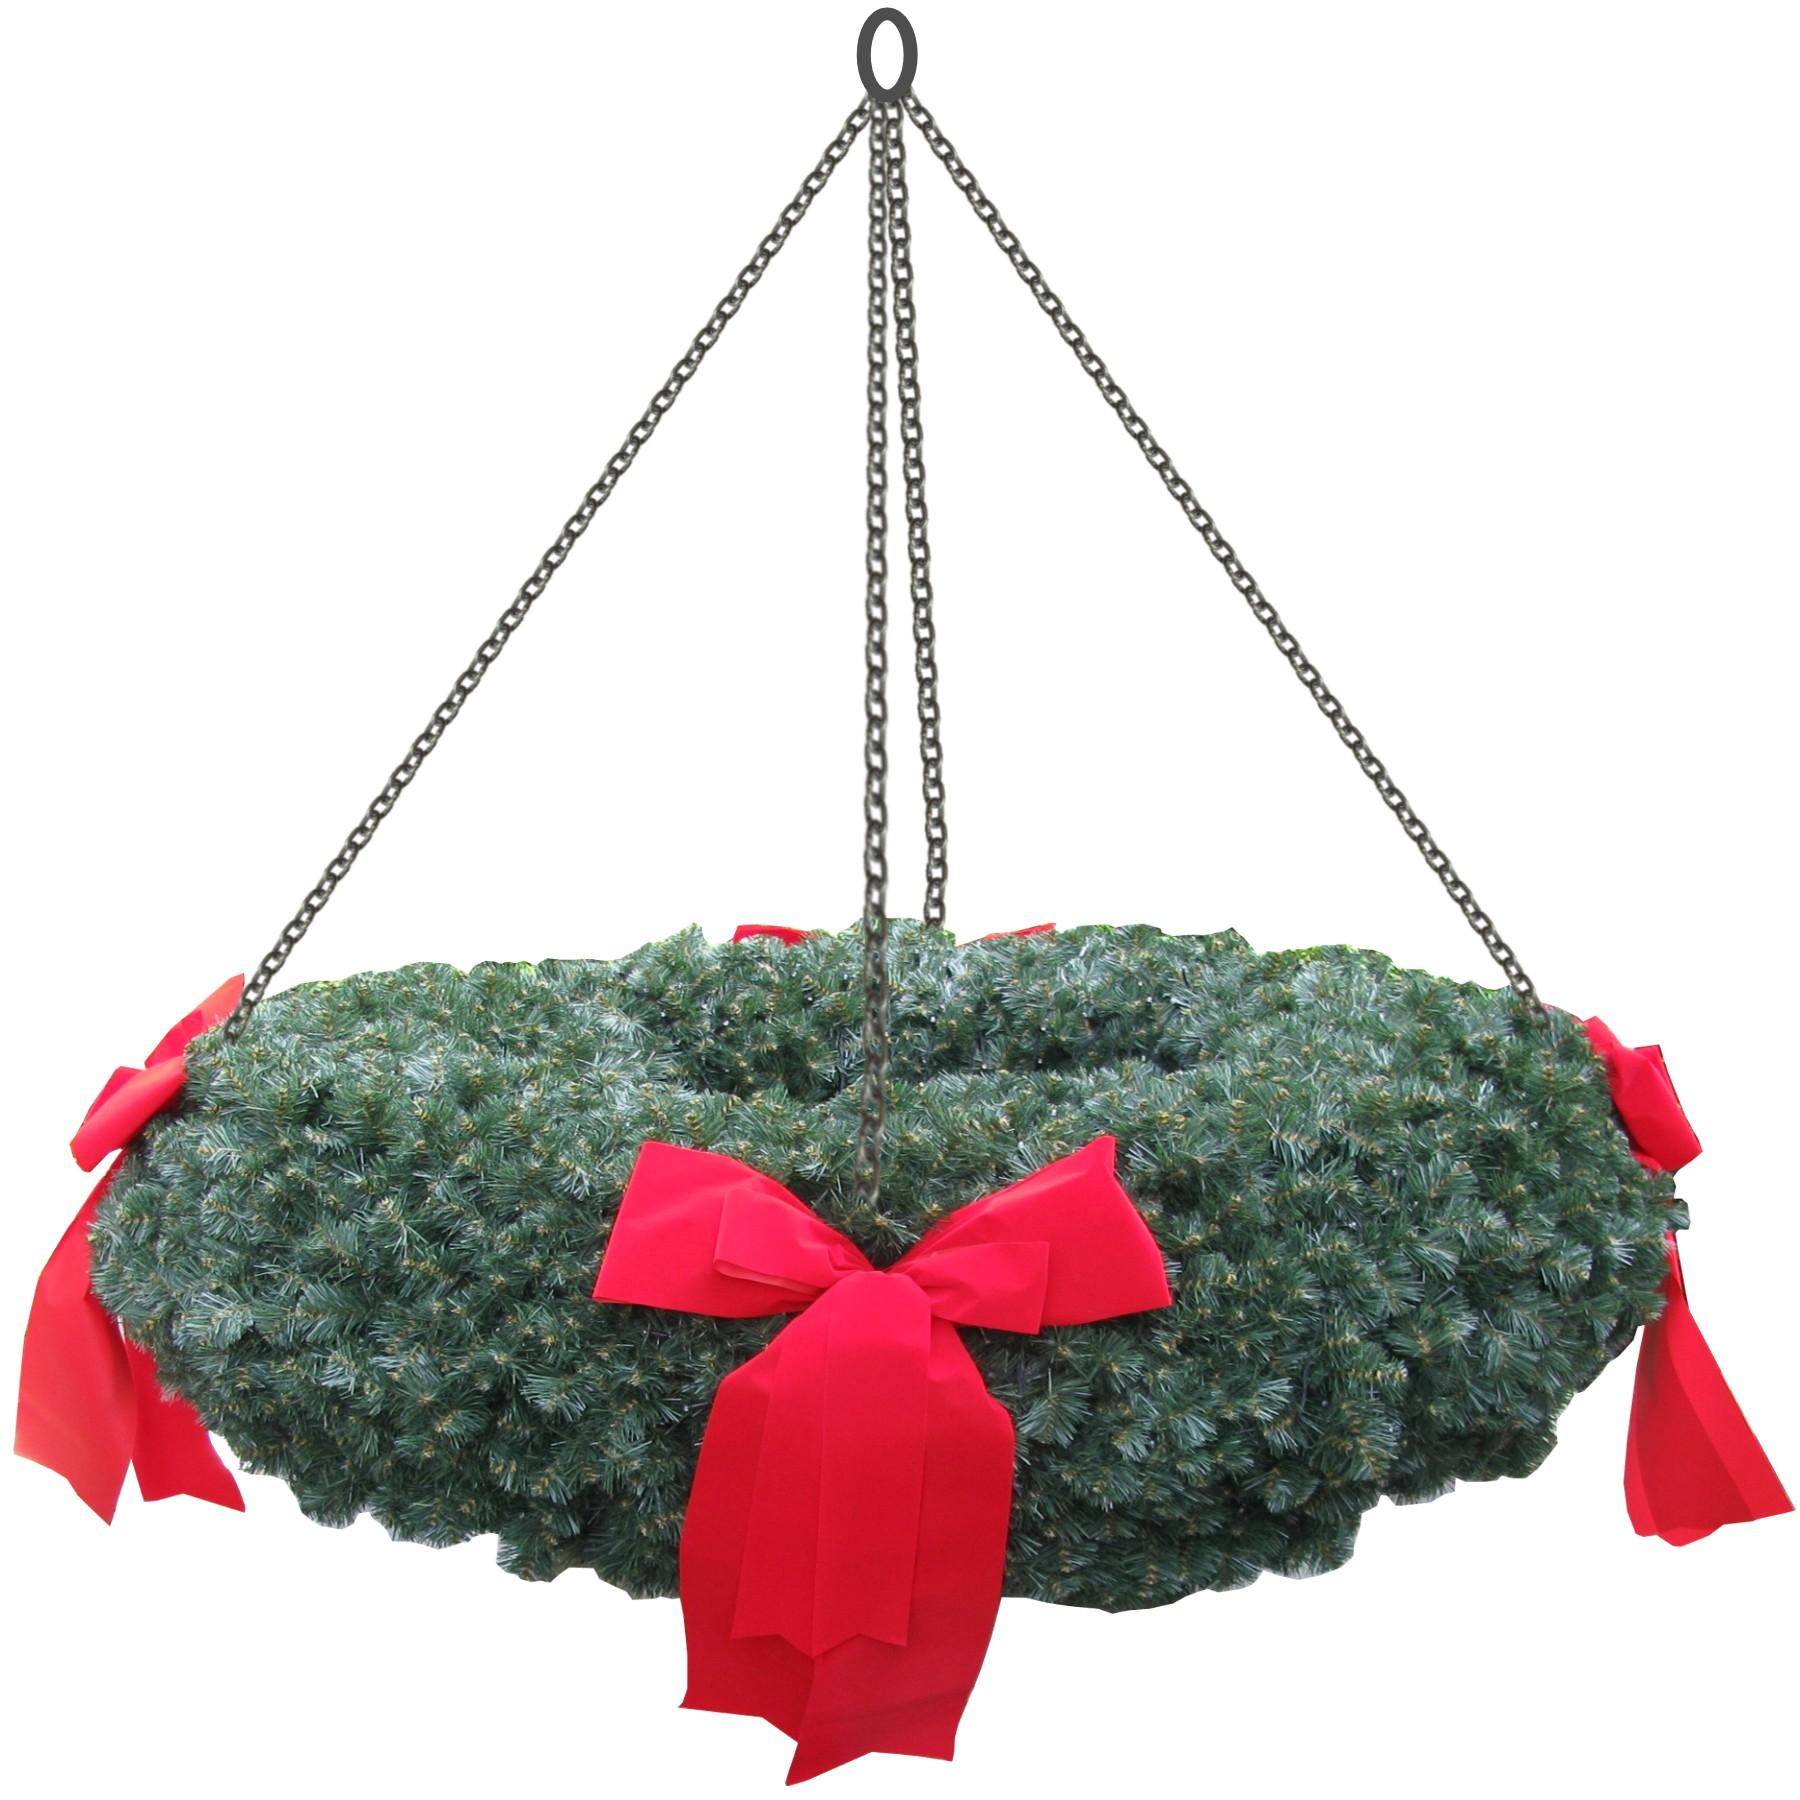 adventskranz mit 200cm durchmesser weihnachtsbaum. Black Bedroom Furniture Sets. Home Design Ideas